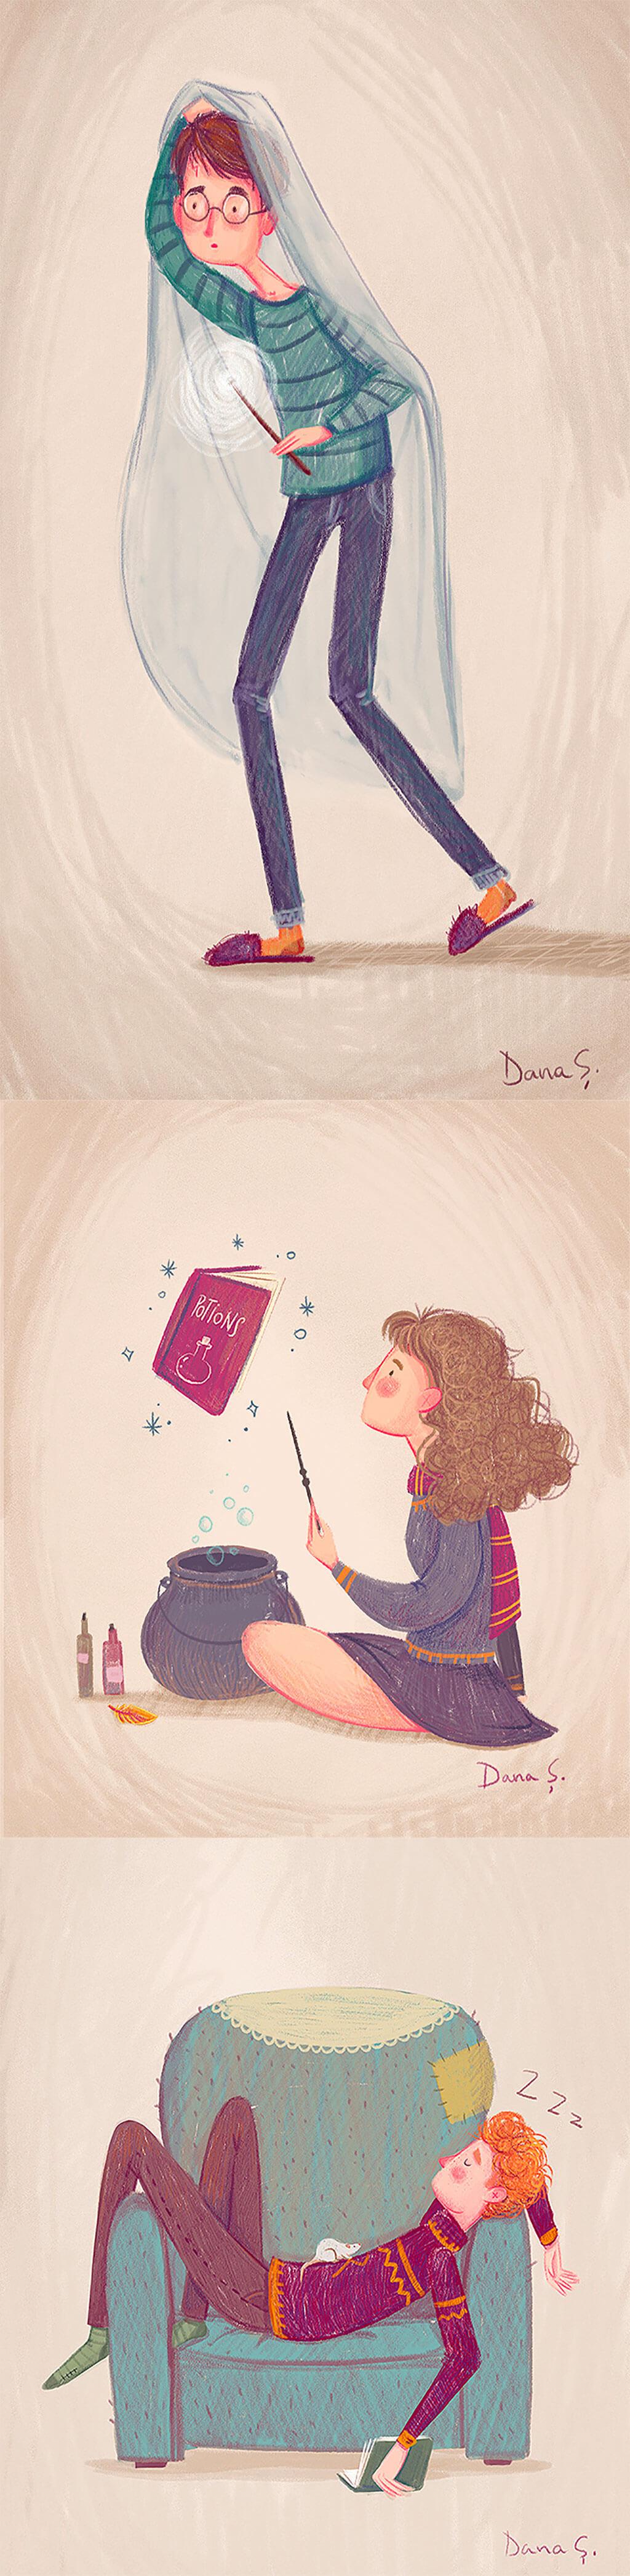 Harry Potter Fan Art by Daniela Sosa